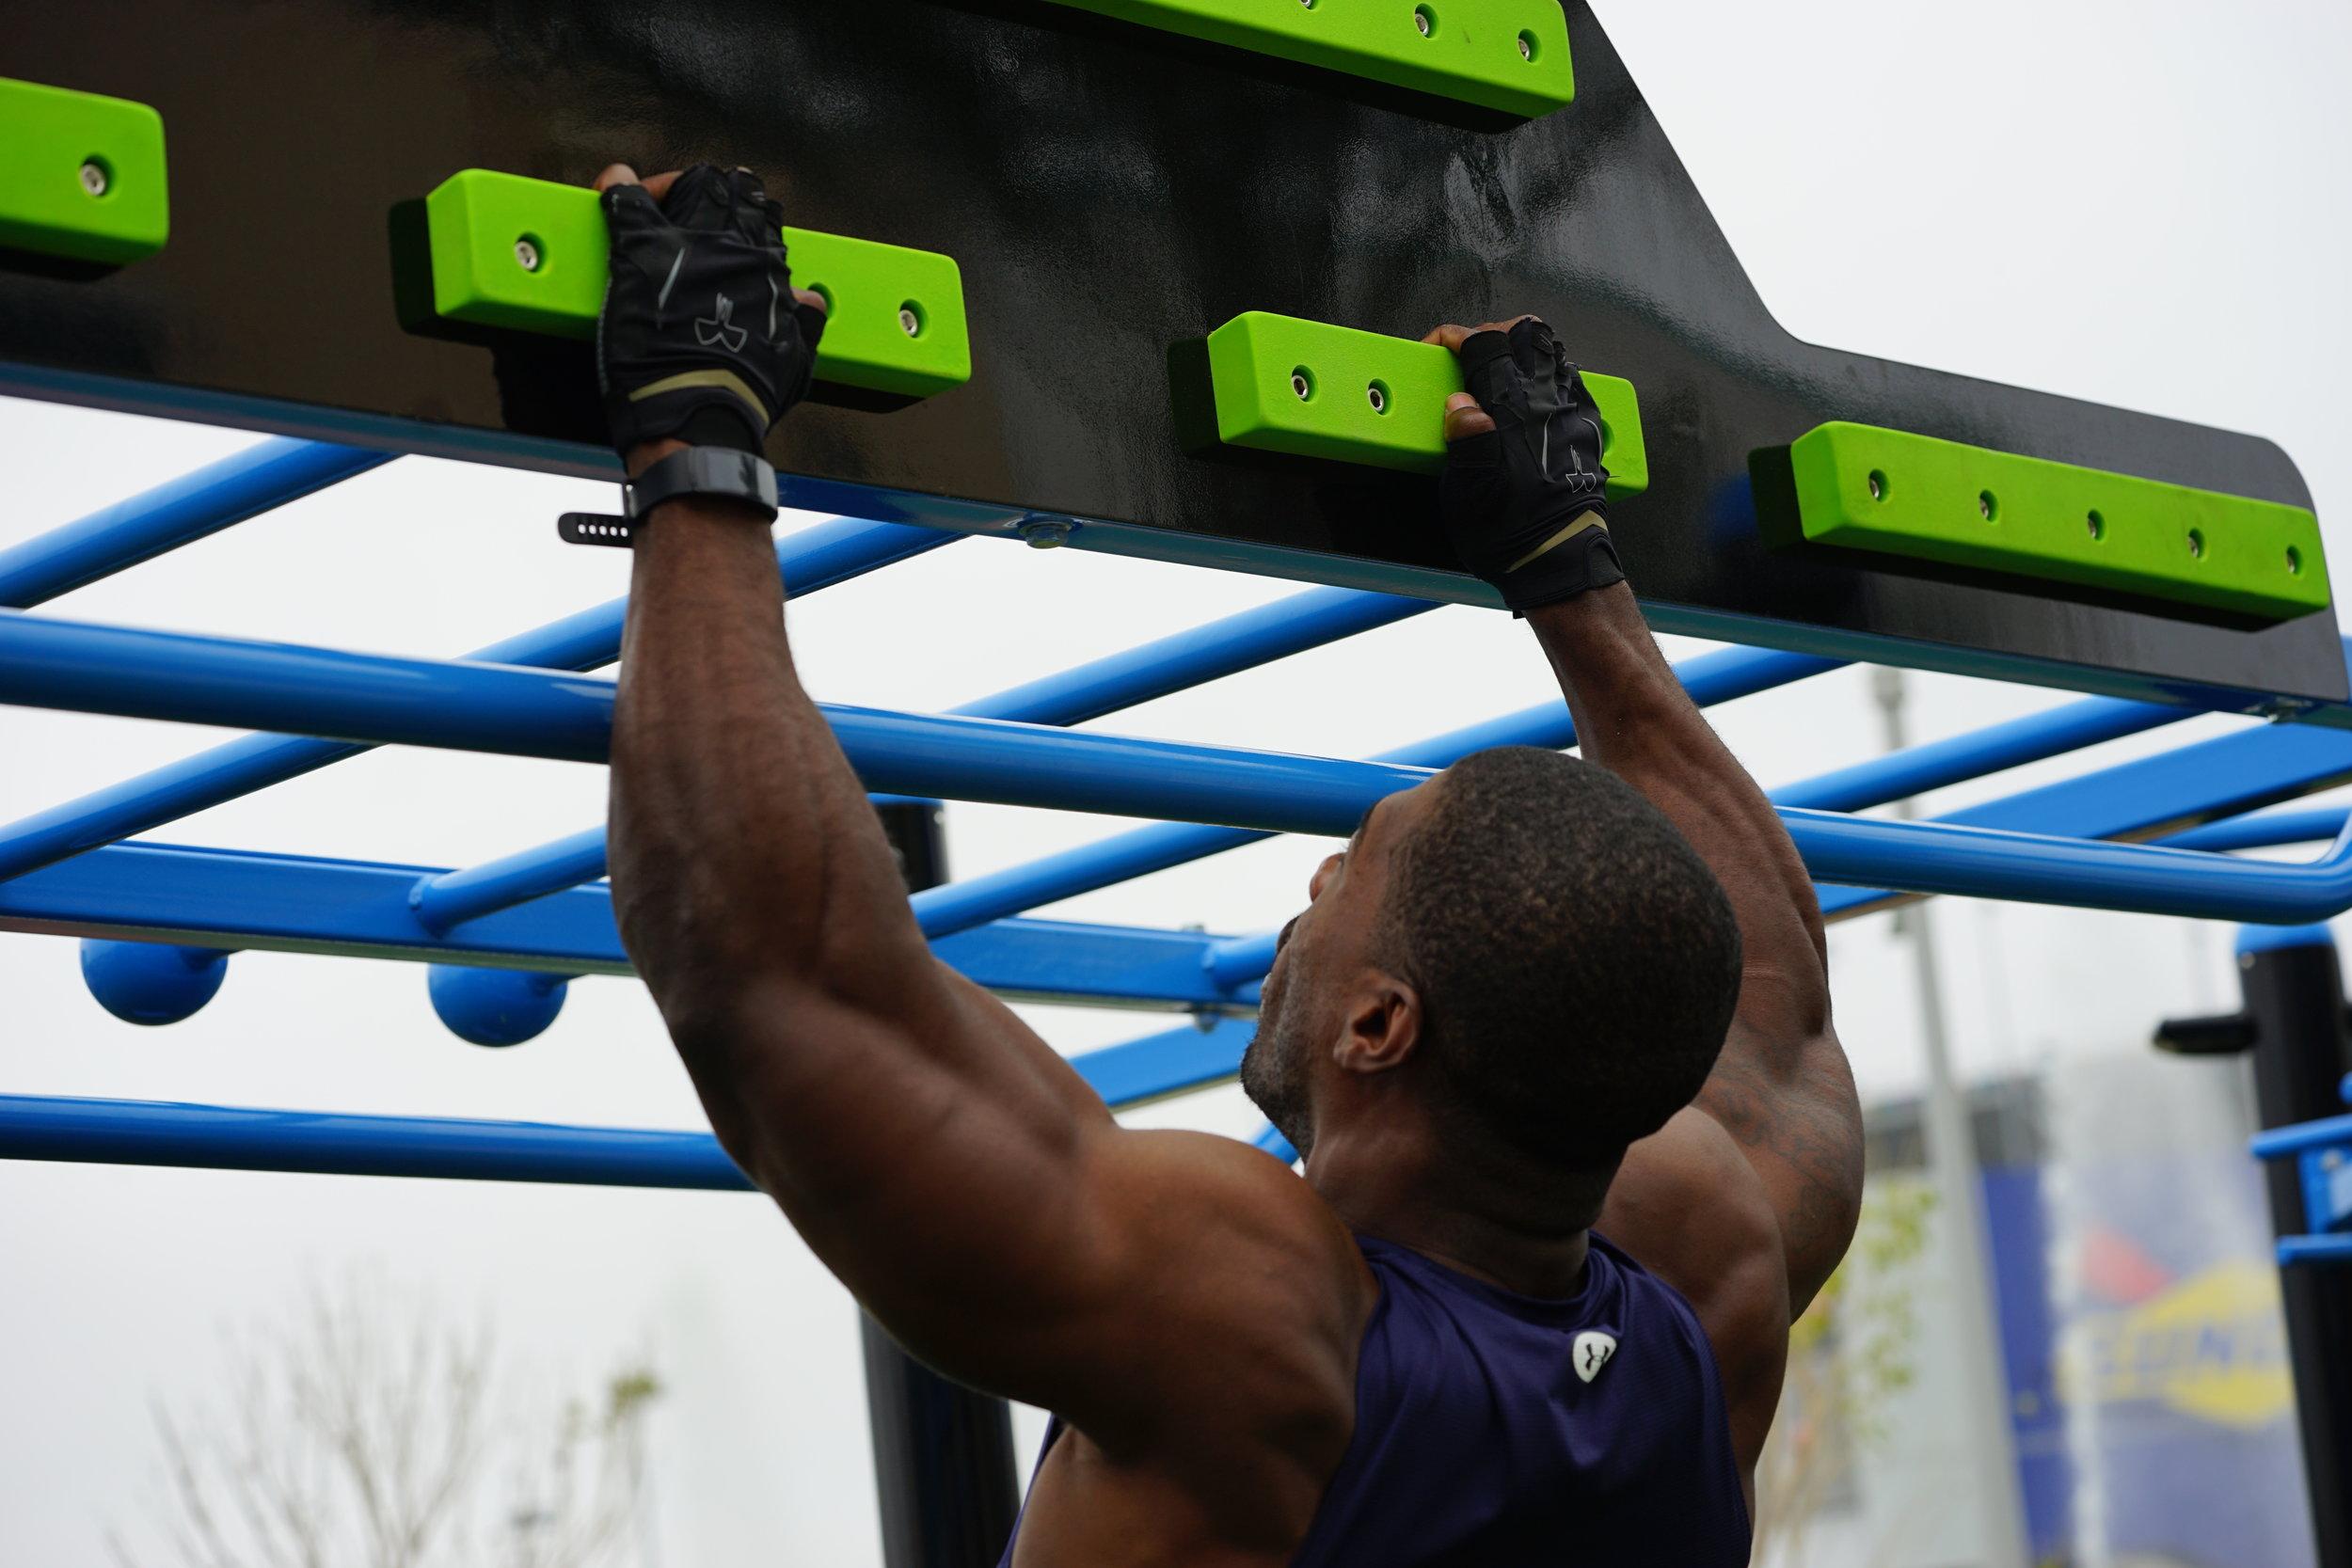 Ninja Warrior Cliff Hanger Outdoor Fitness Equipment